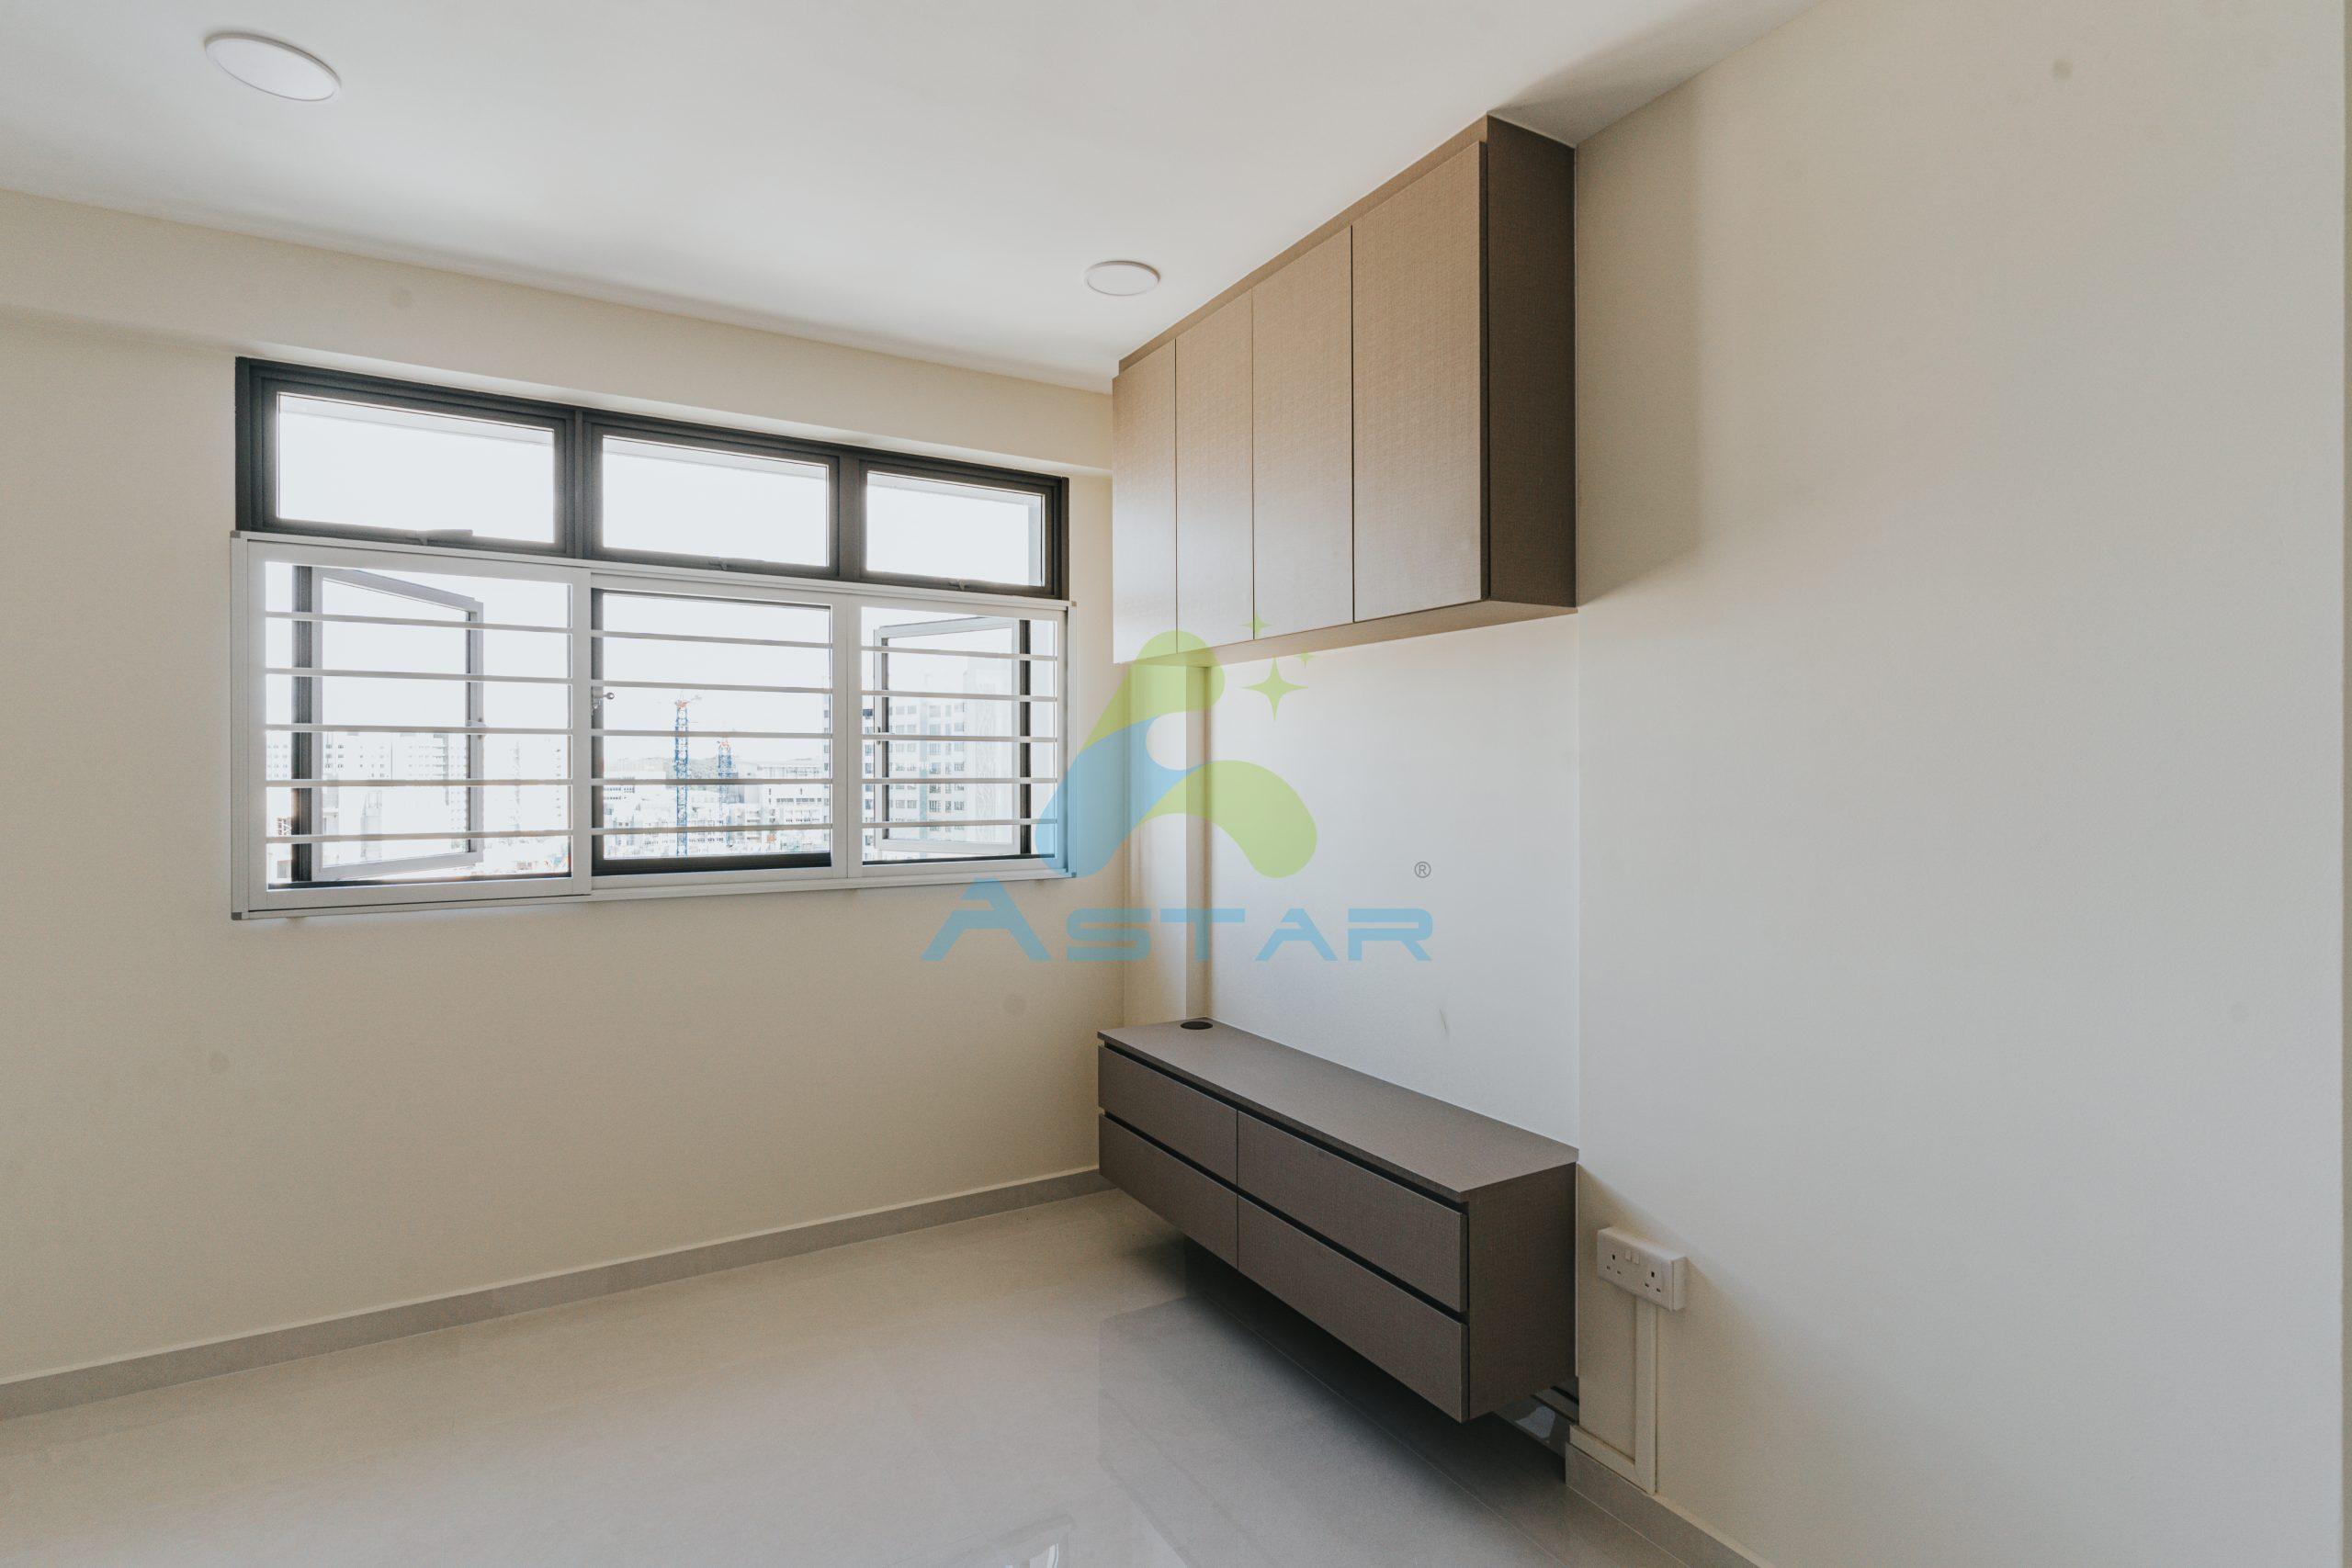 astar furnishing aluminum furniture projects Blk 478B Yishun St 44 17